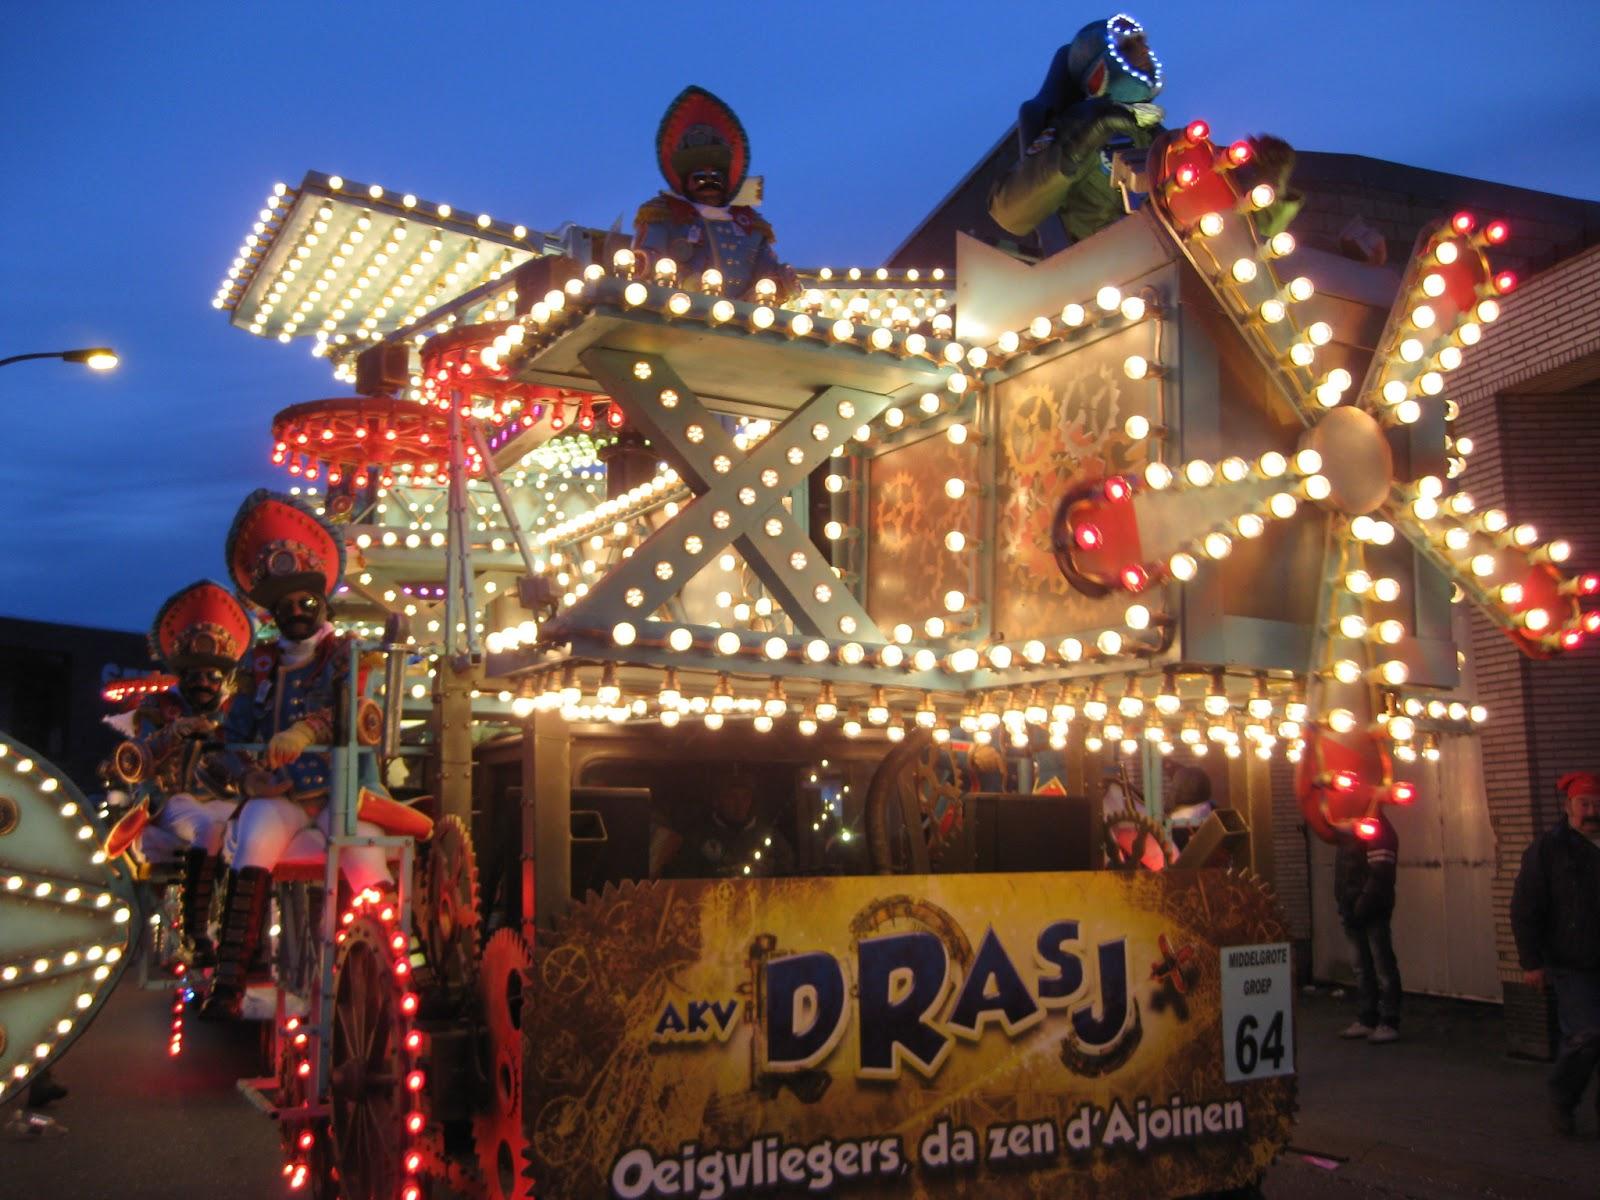 Carnaval Aalst foto- en videoblog: Provenciale subsidie